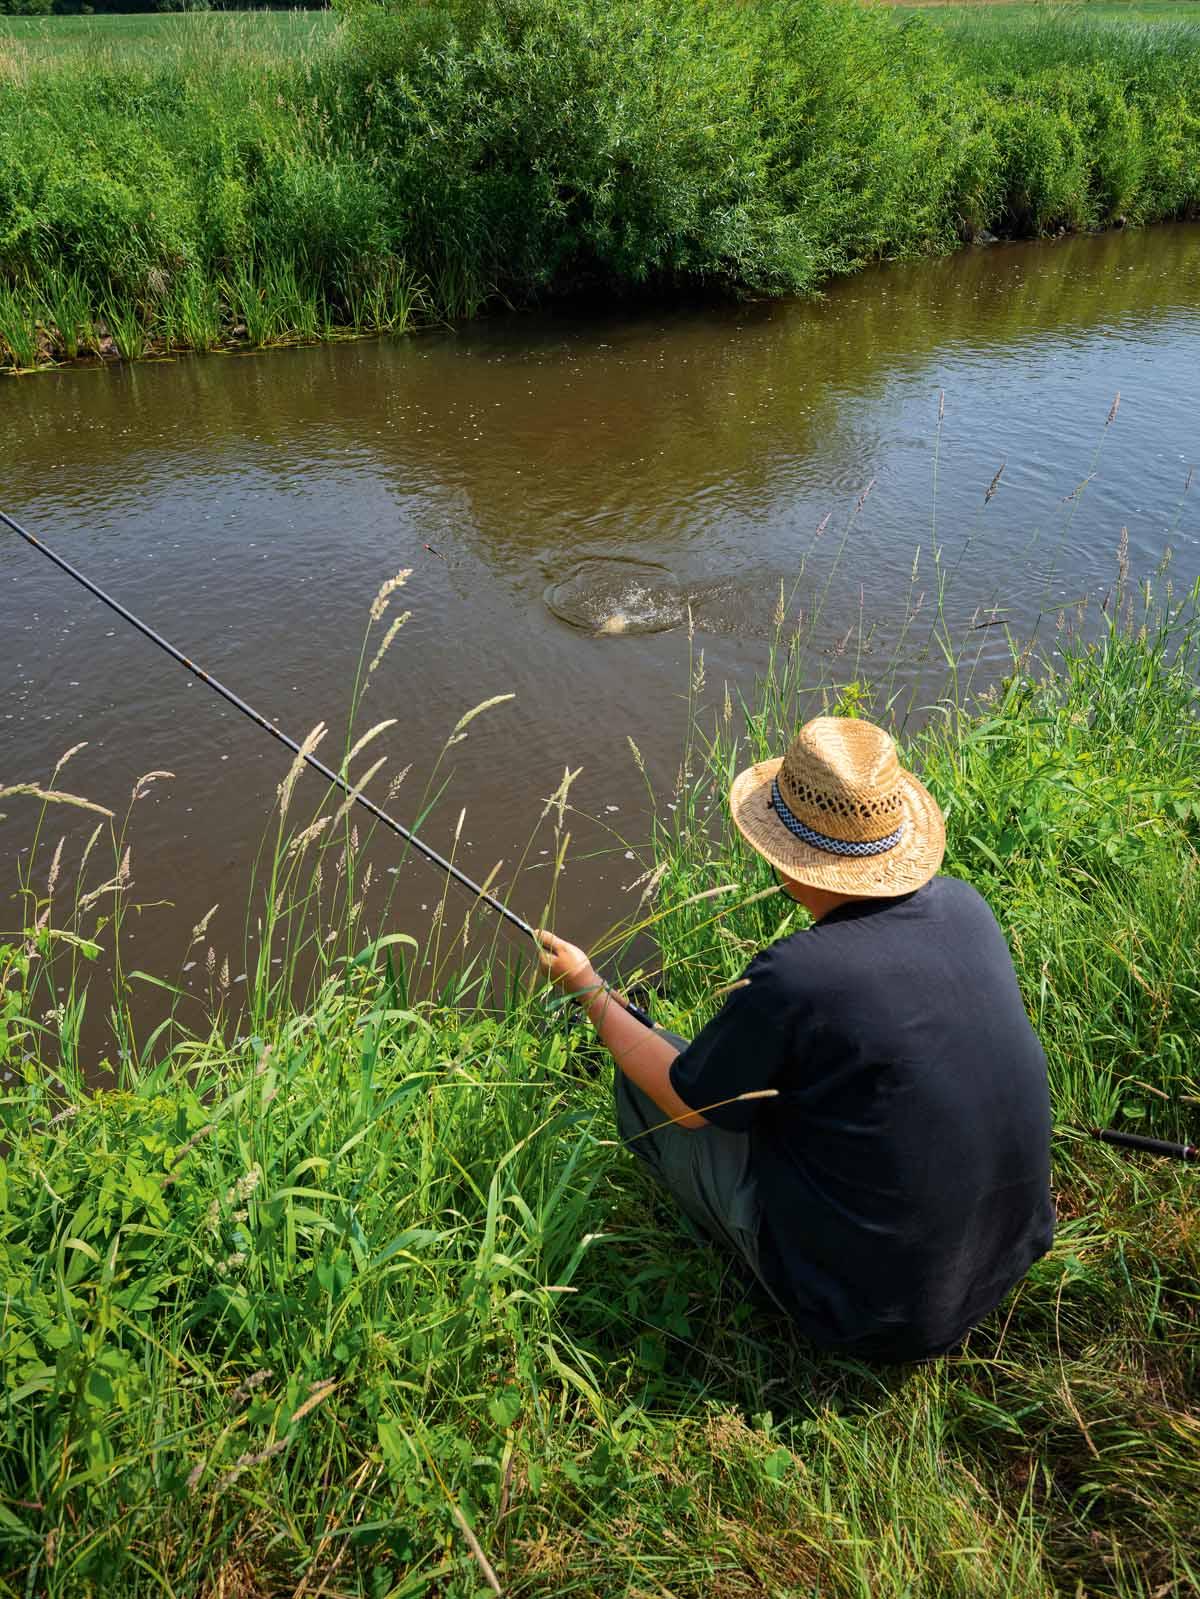 Zum Drillen geht André dem Fisch entgegen. Besonders große Exemplare am dünnen 12er Vorfach gegen die Strömung zu sich heranzuziehen, ist so gut wie unmöglich.